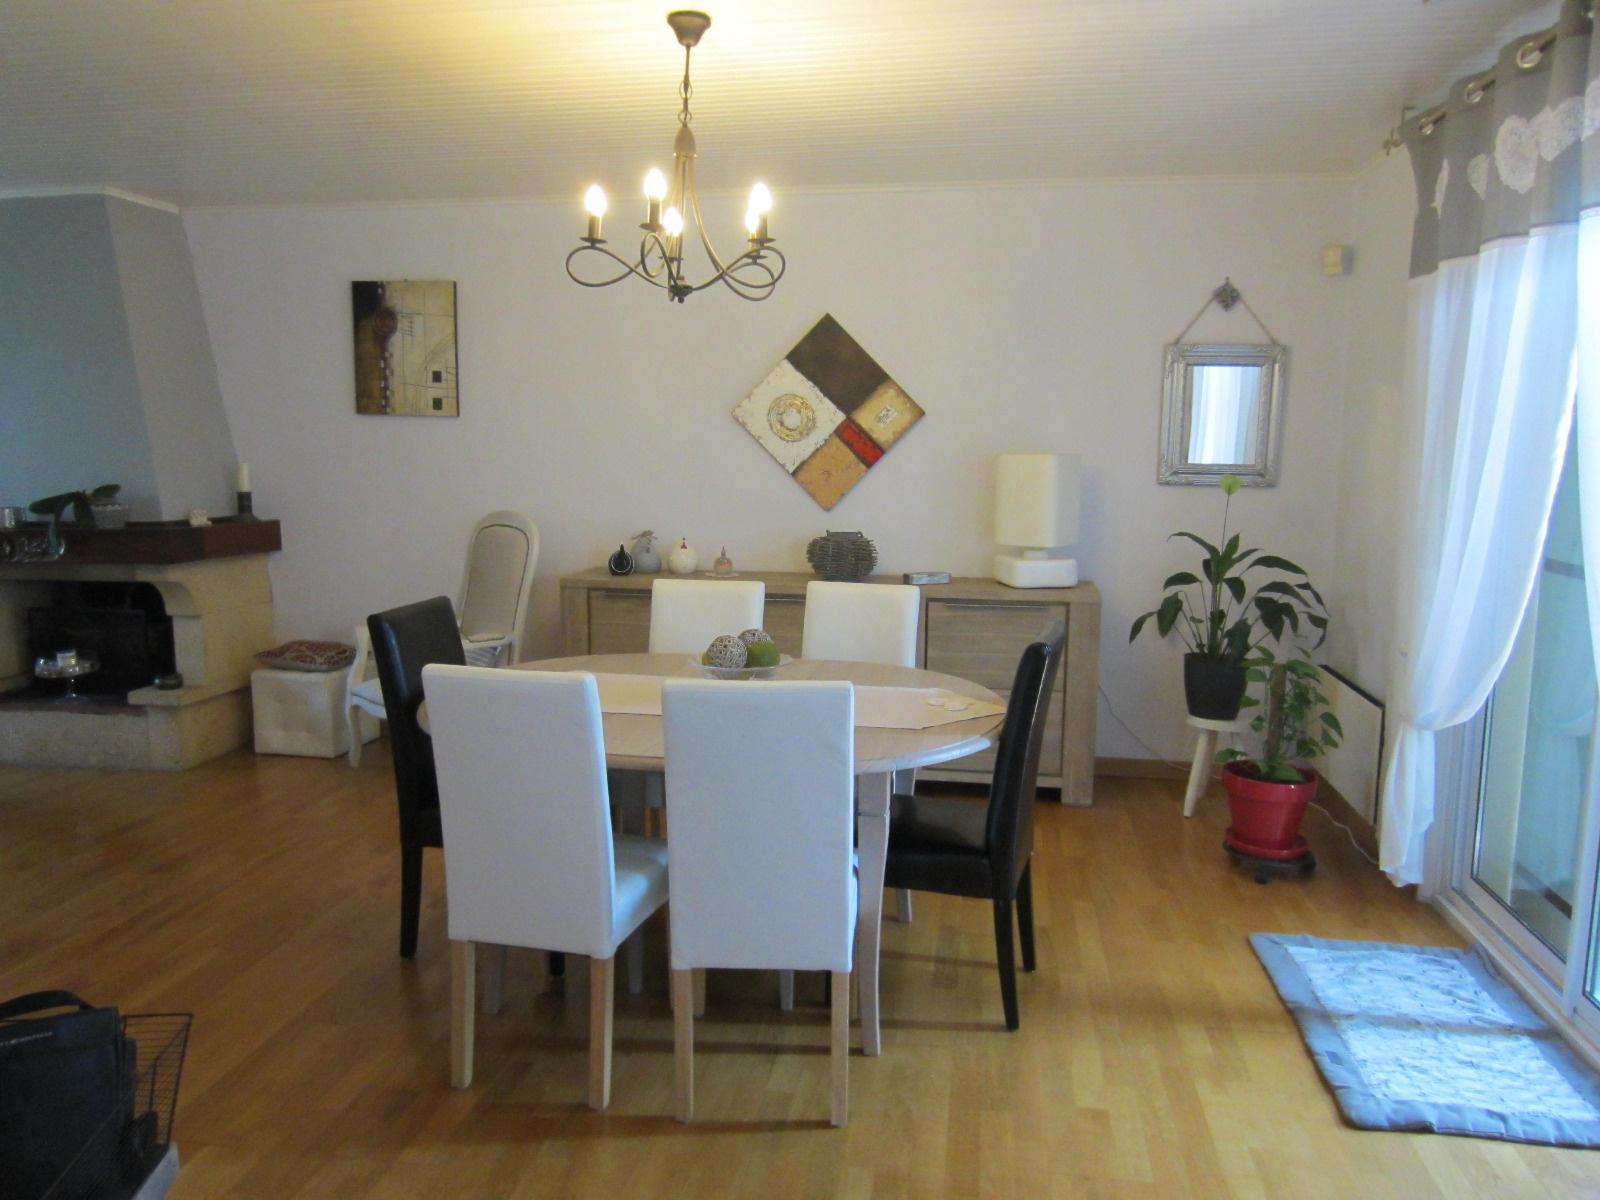 vente appartement et villas beziers maisons  beziers